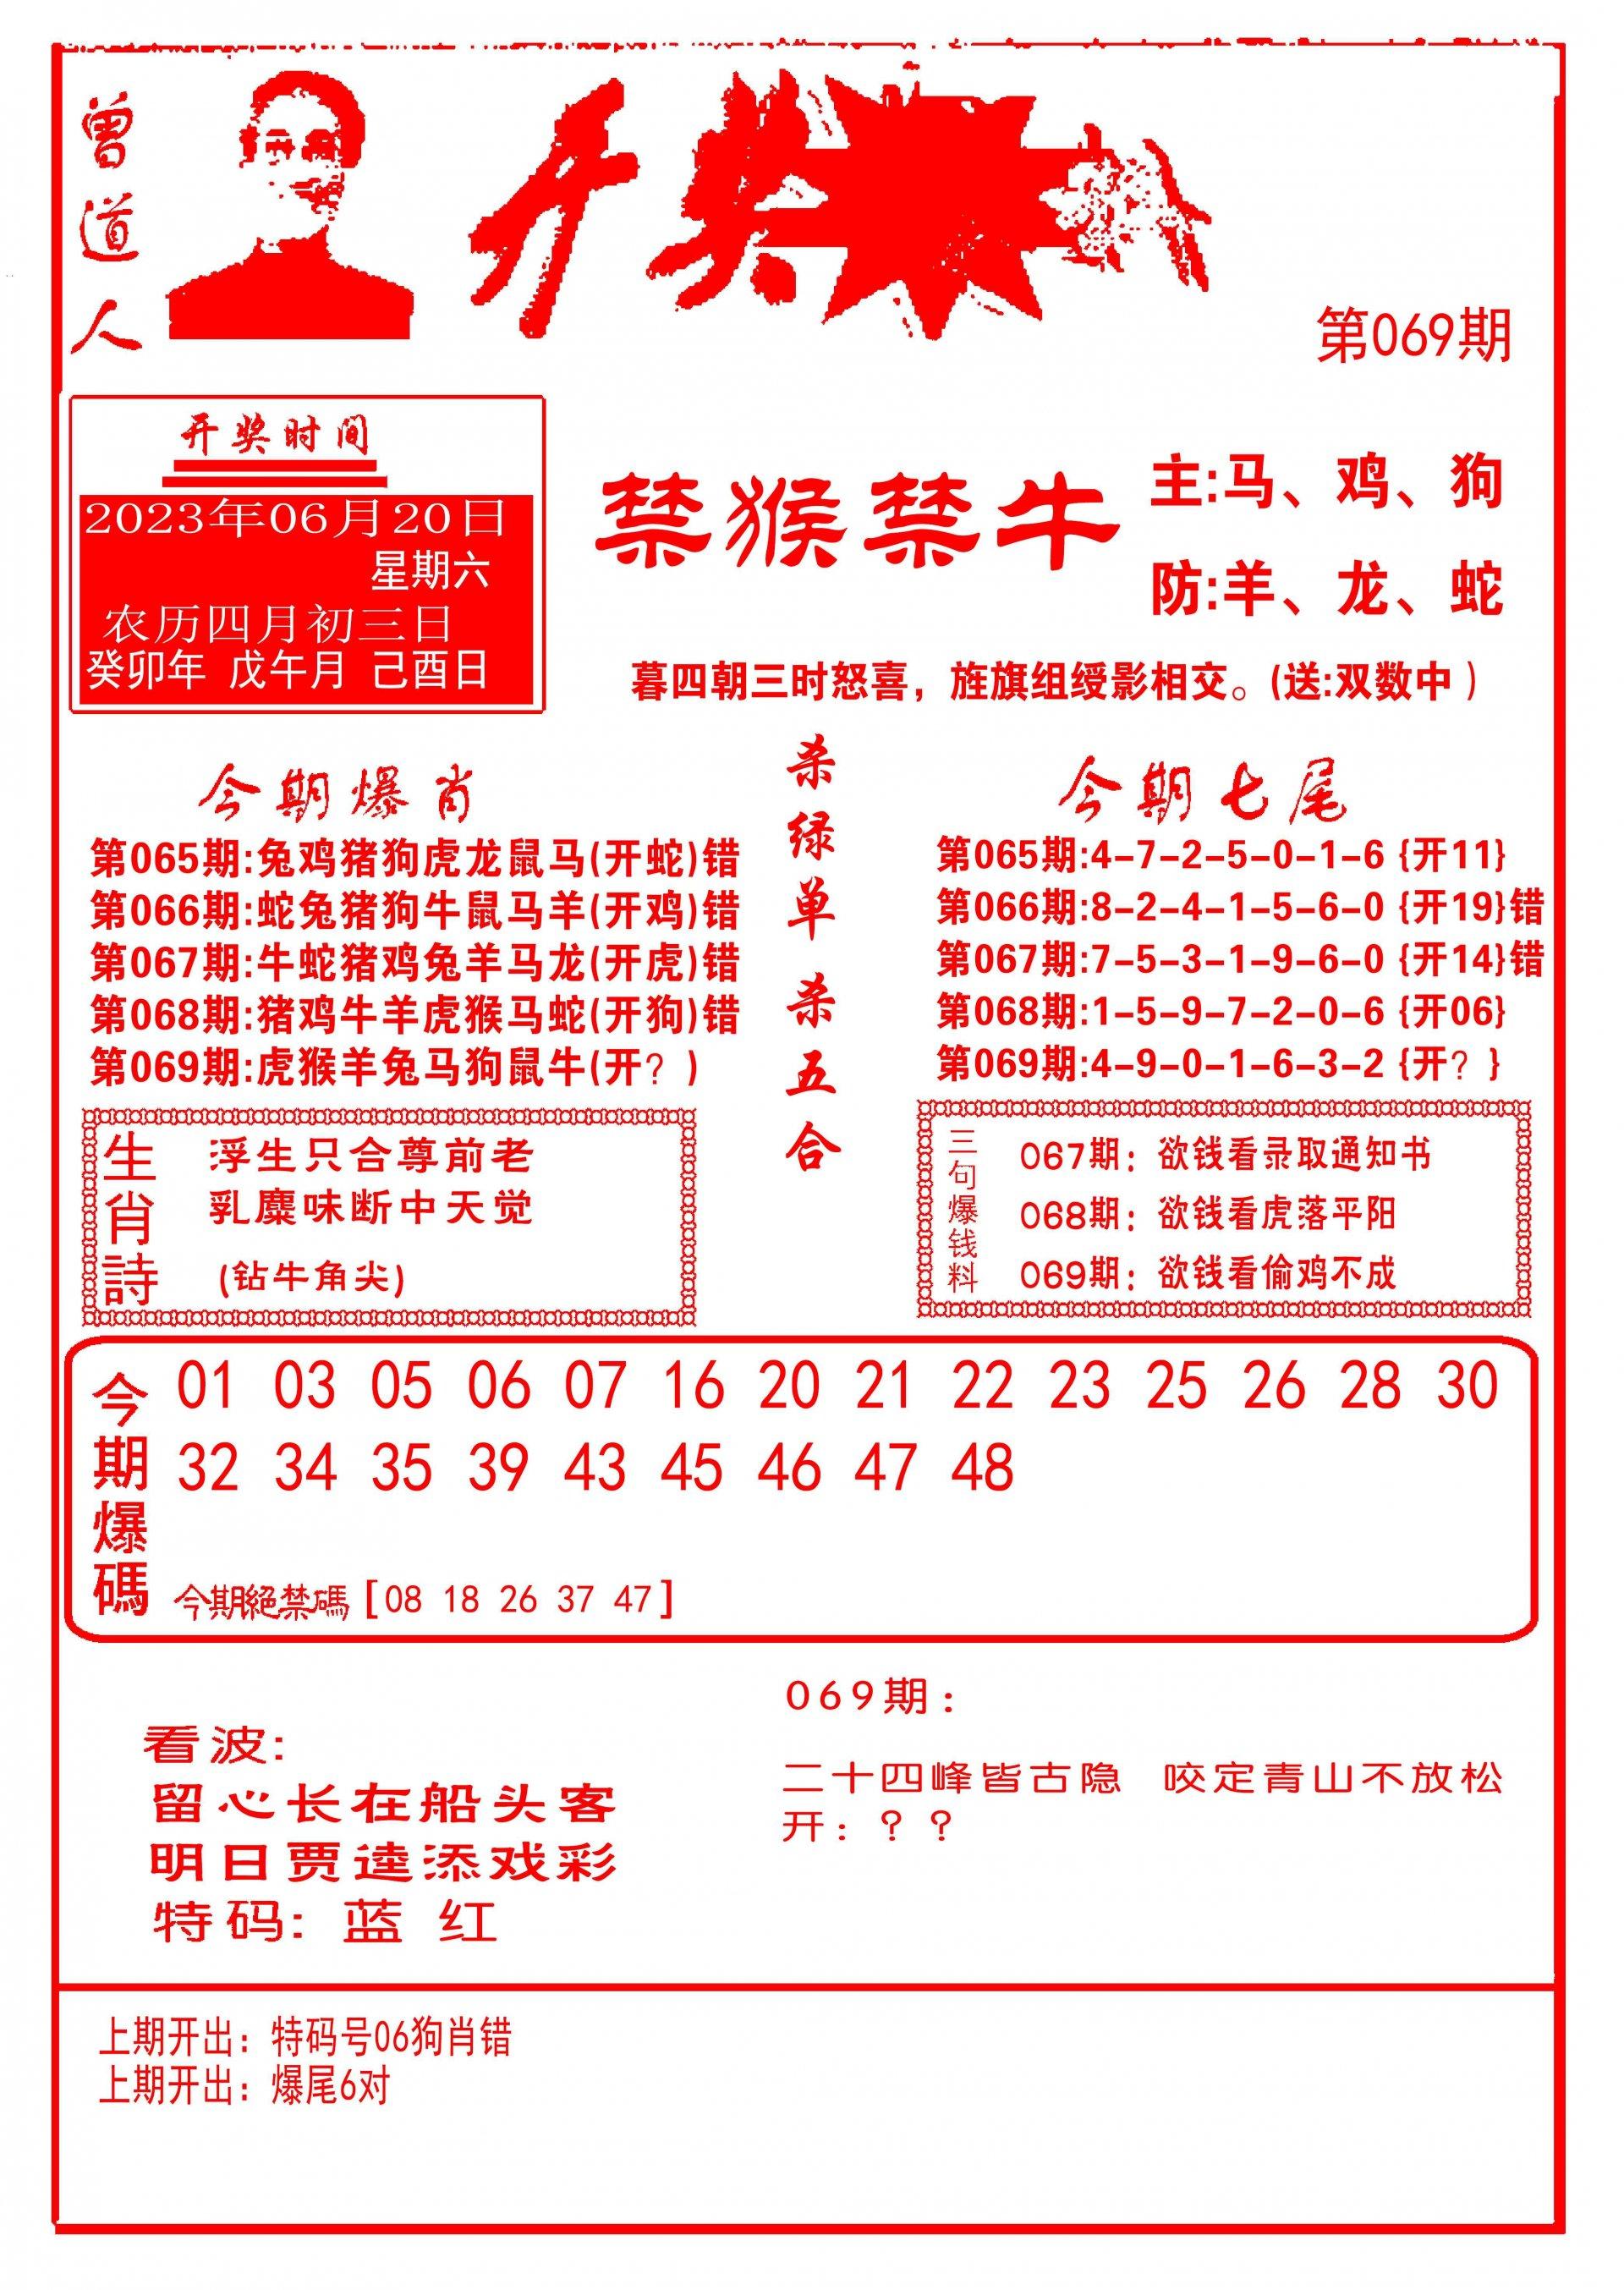 069期开奖爆料(新图推荐)